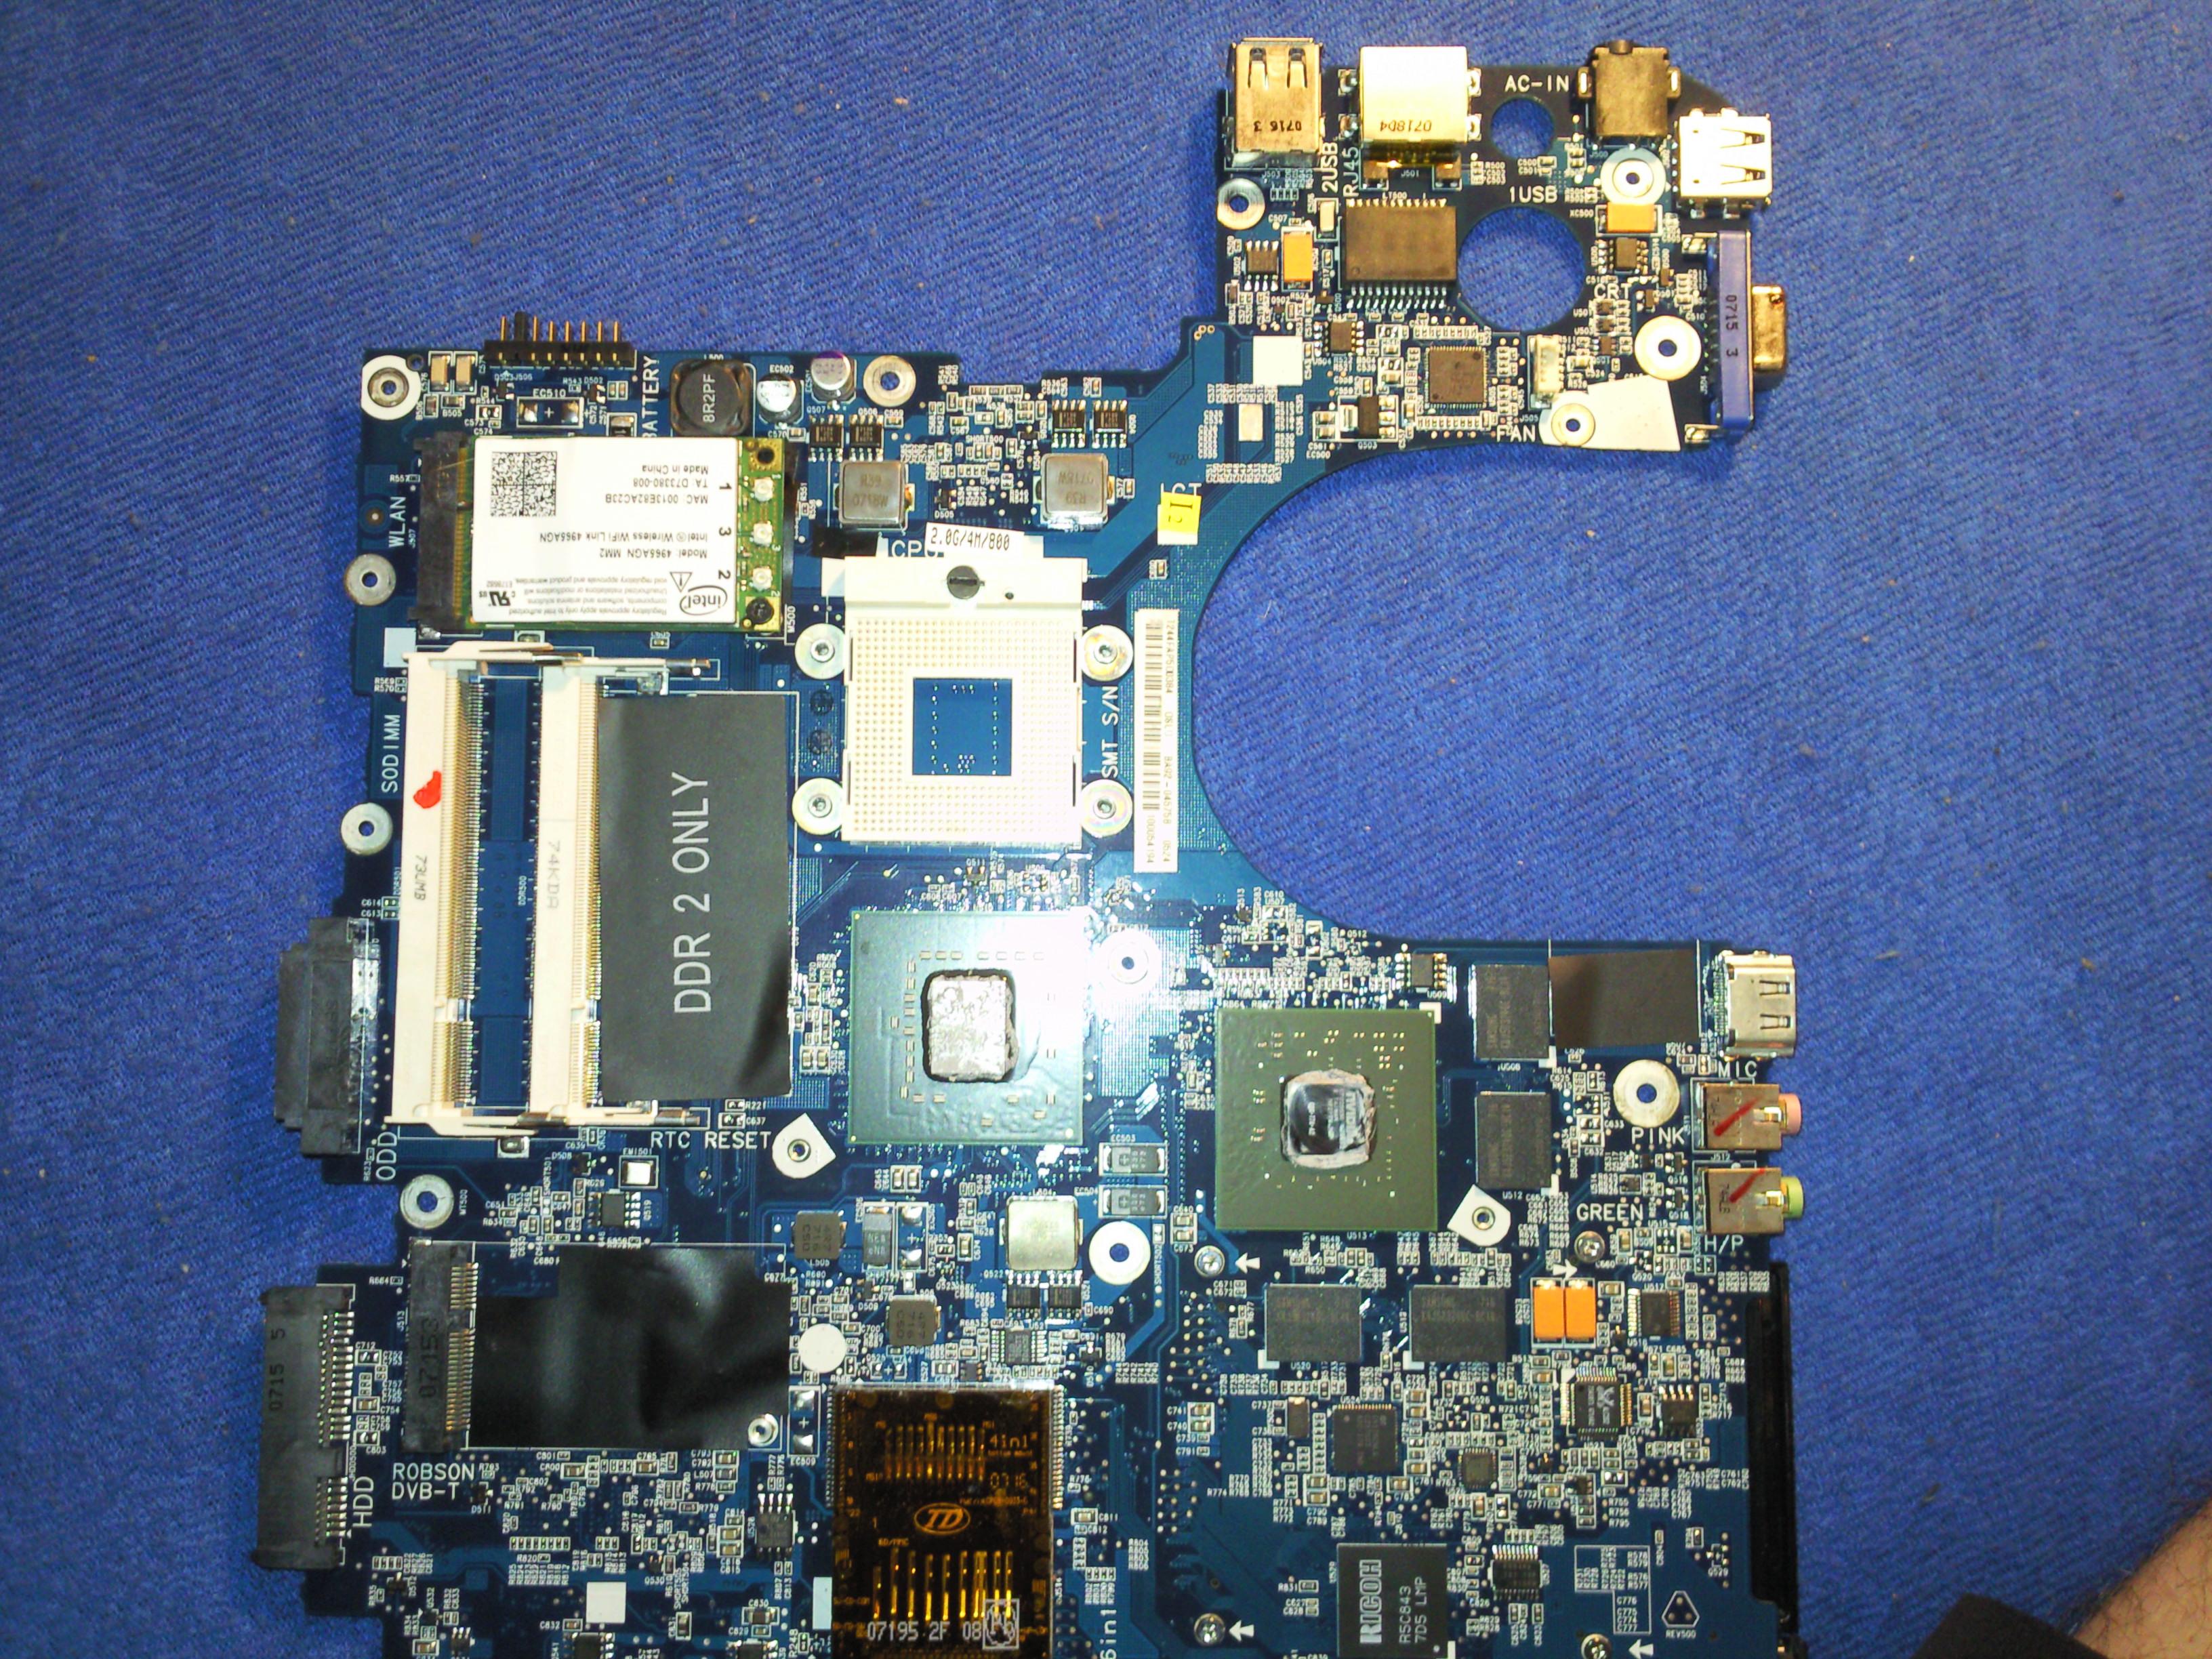 Samsung R70 kompletnie martwy, prosze o pomoc